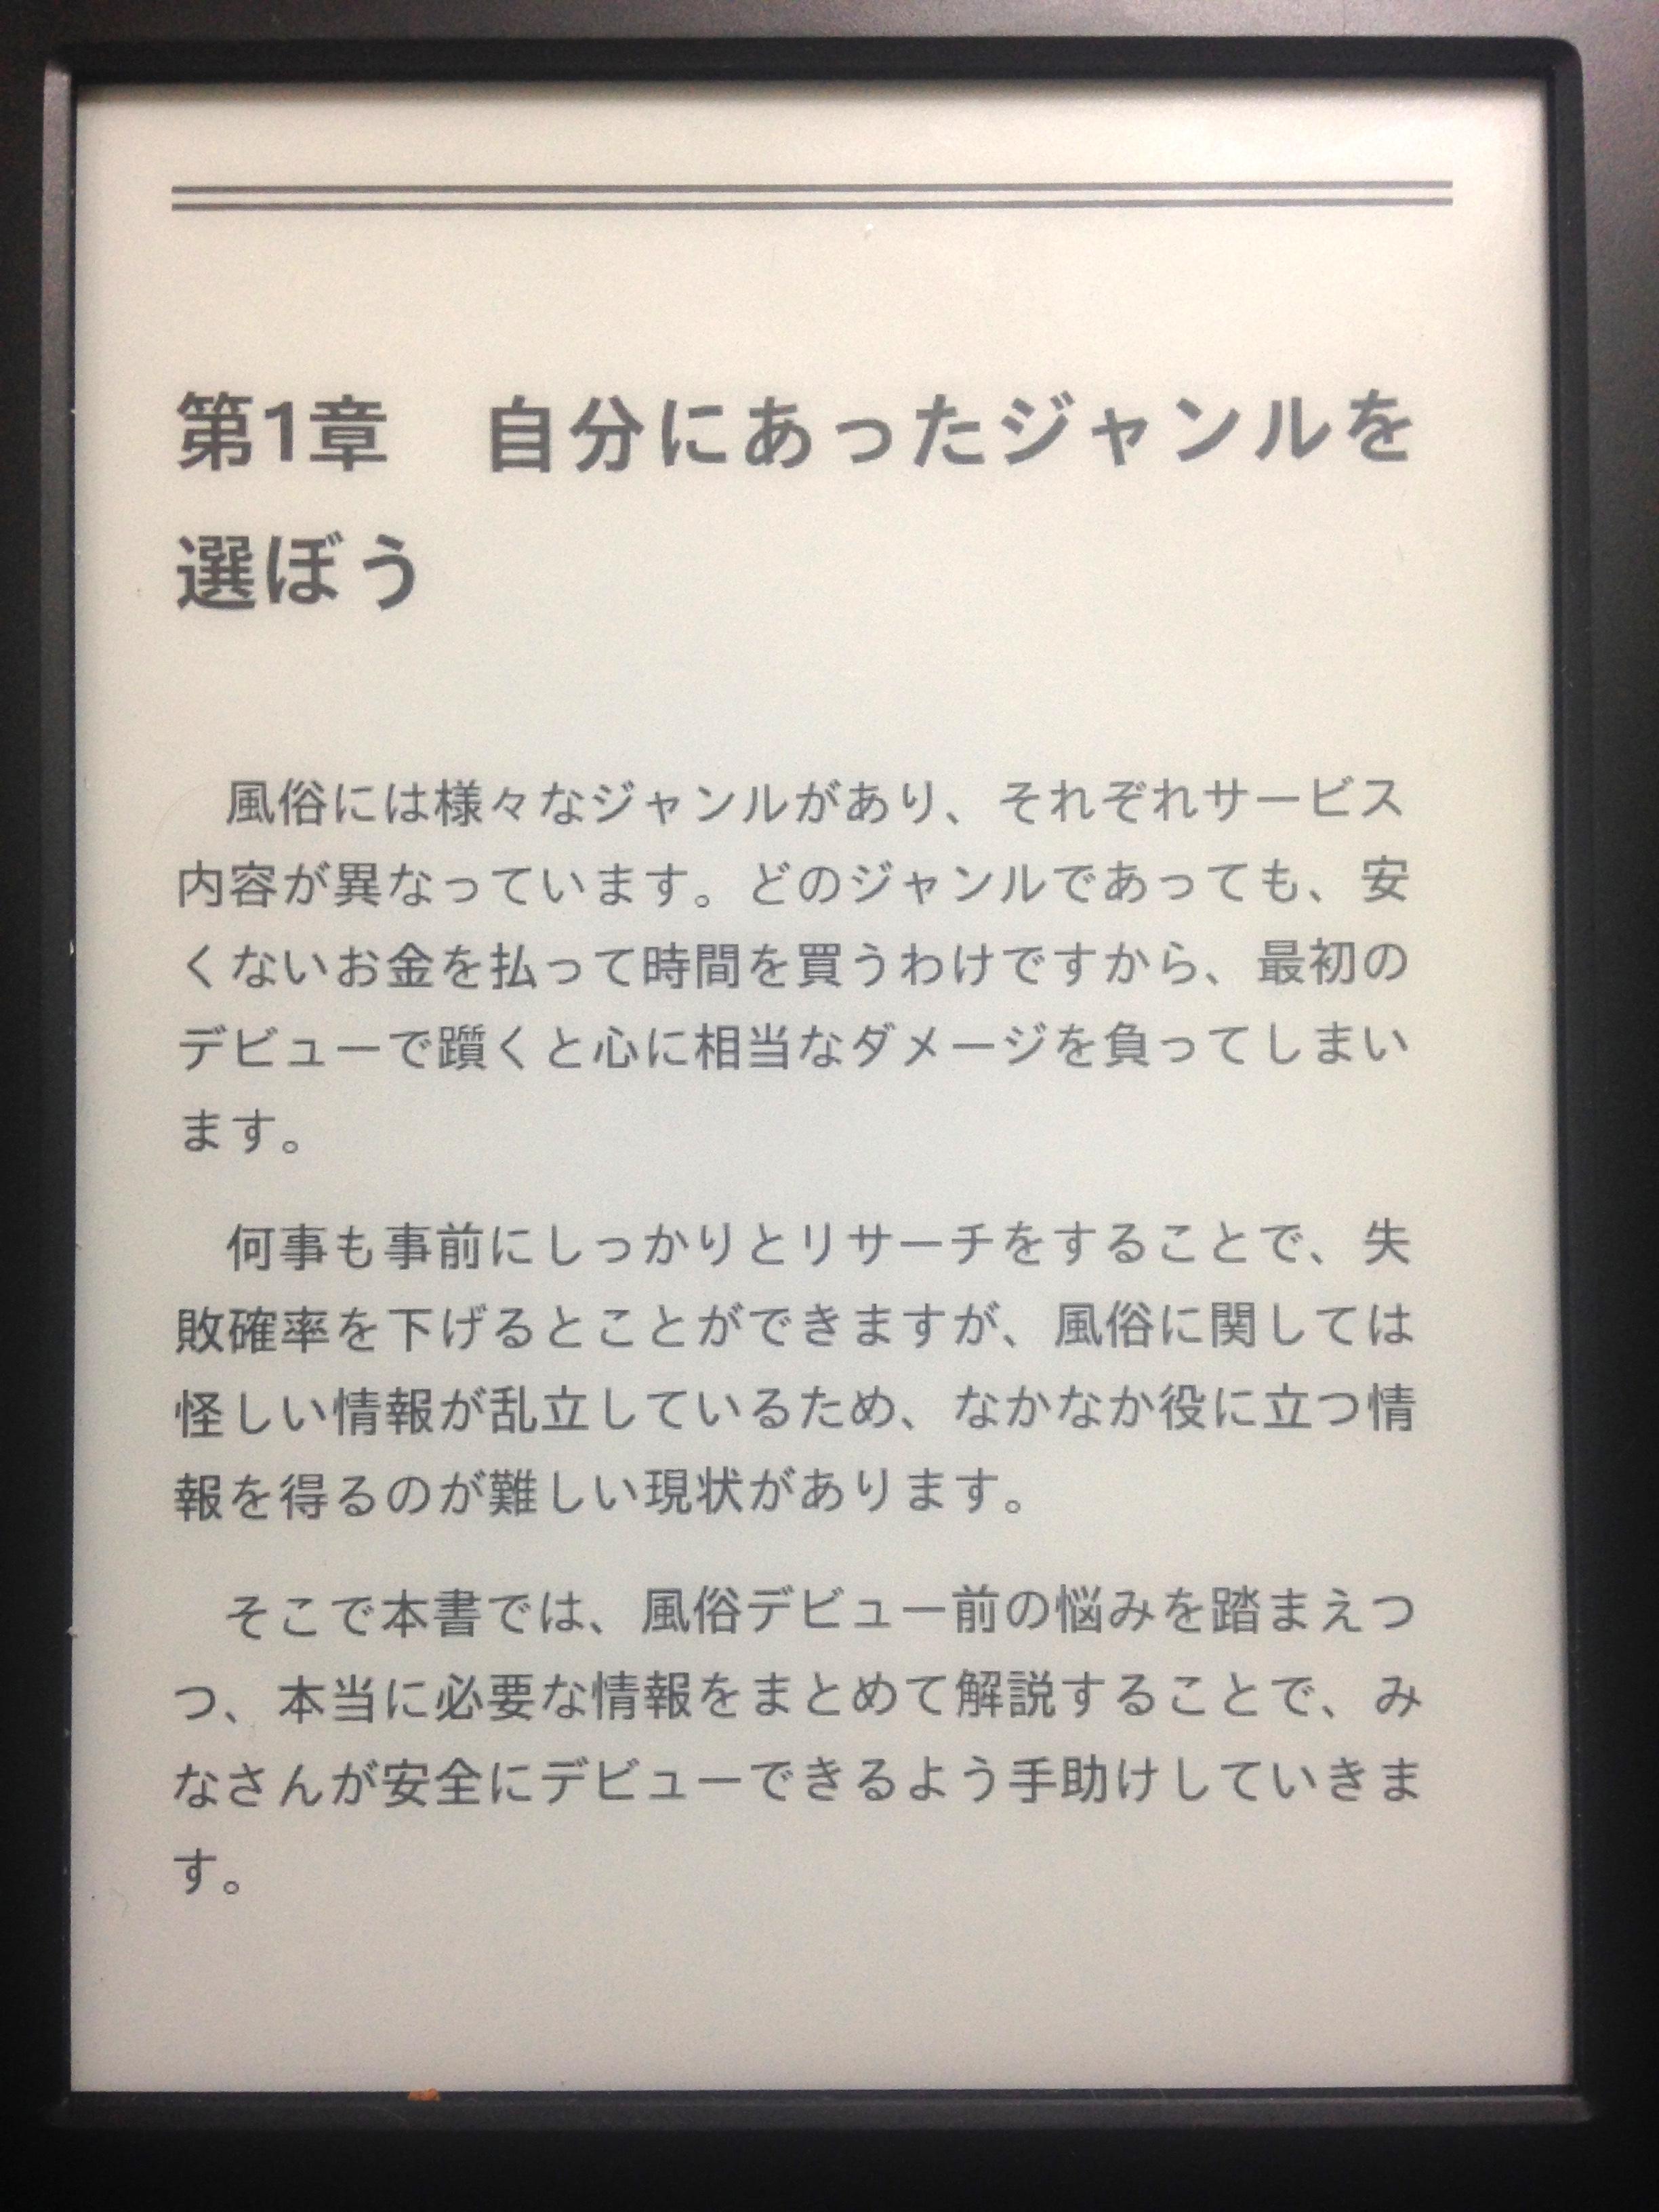 Kindleでの表示1